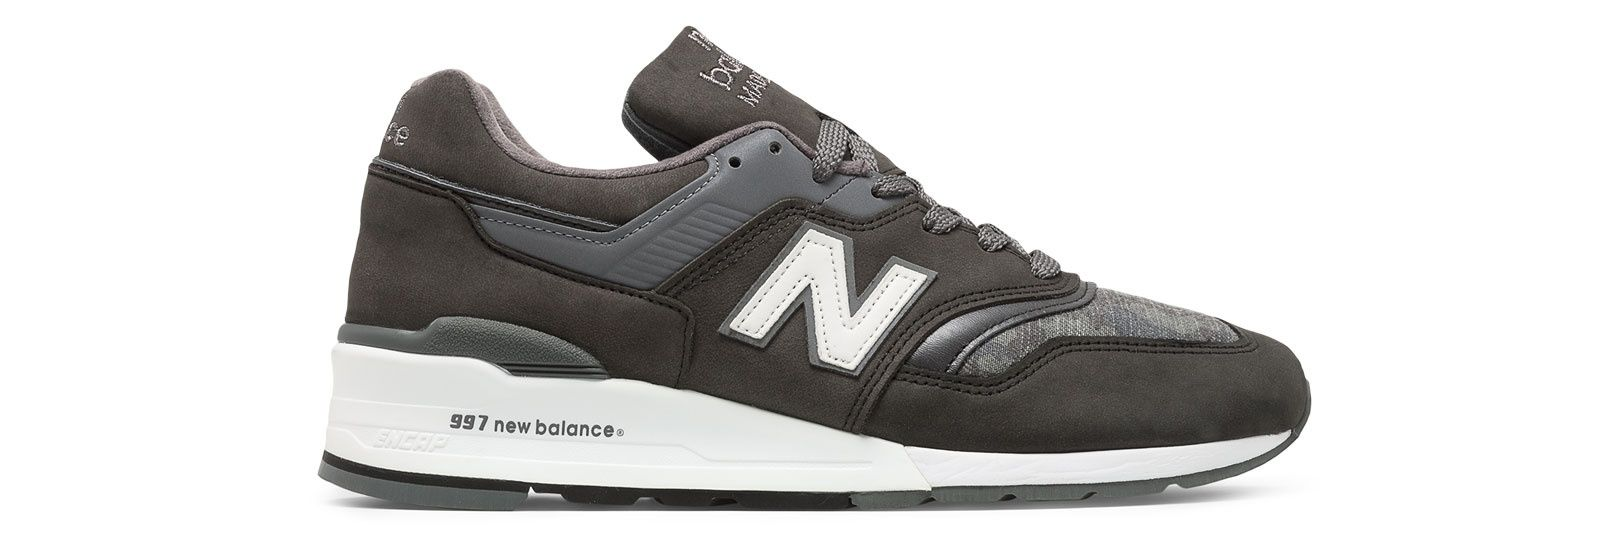 6e71e415168 Tênis Casual Masculino New Balance 997